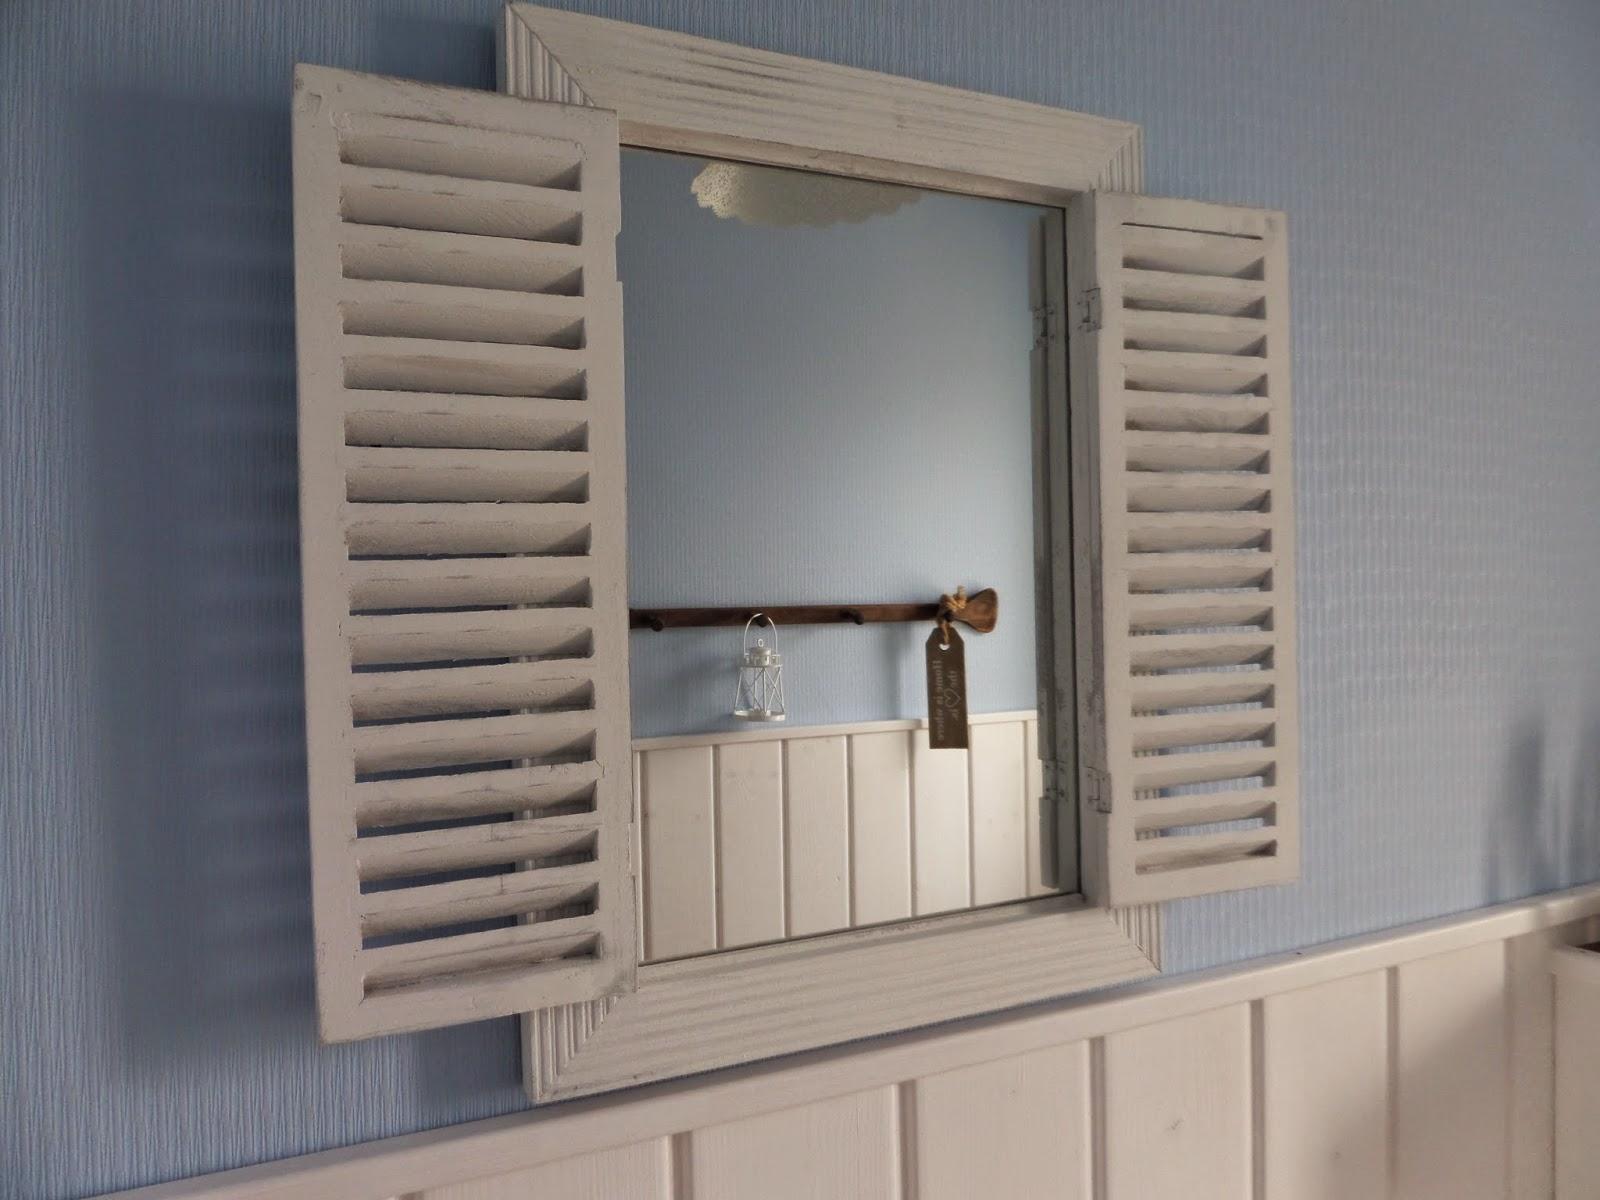 faszinierend spiegel f r g ste wc bild erindzain. Black Bedroom Furniture Sets. Home Design Ideas